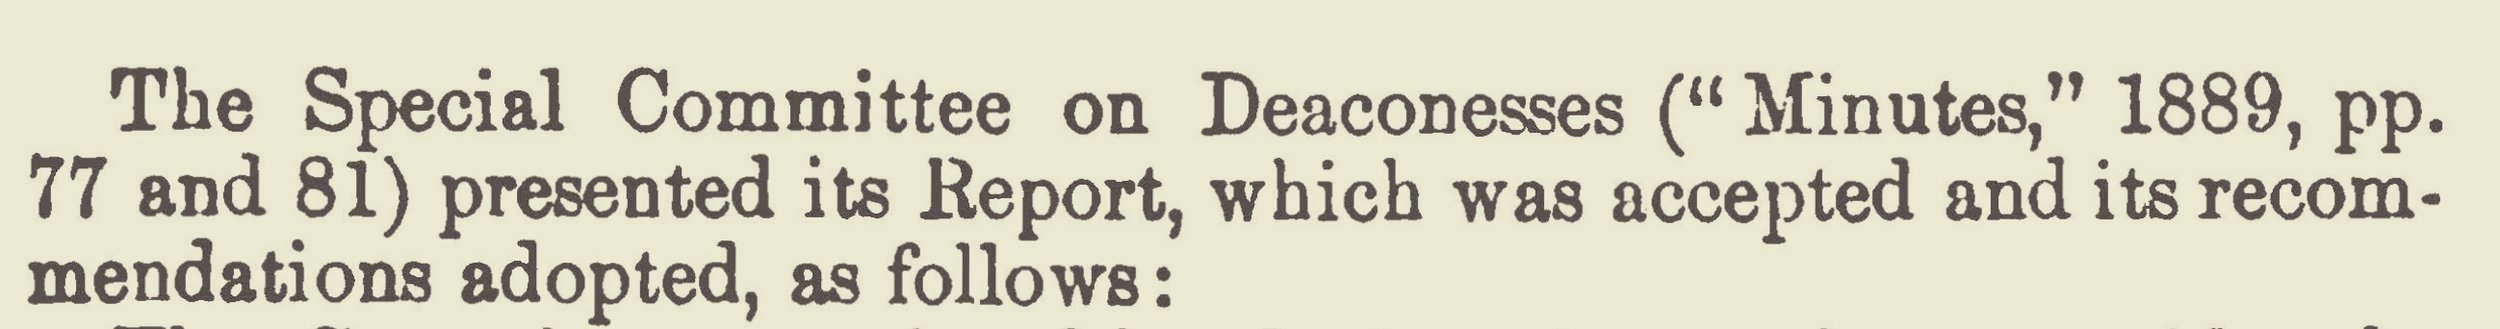 Warfield, Benjamin Breckinridge, Committee Report on Deaconesses Title Page.jpg